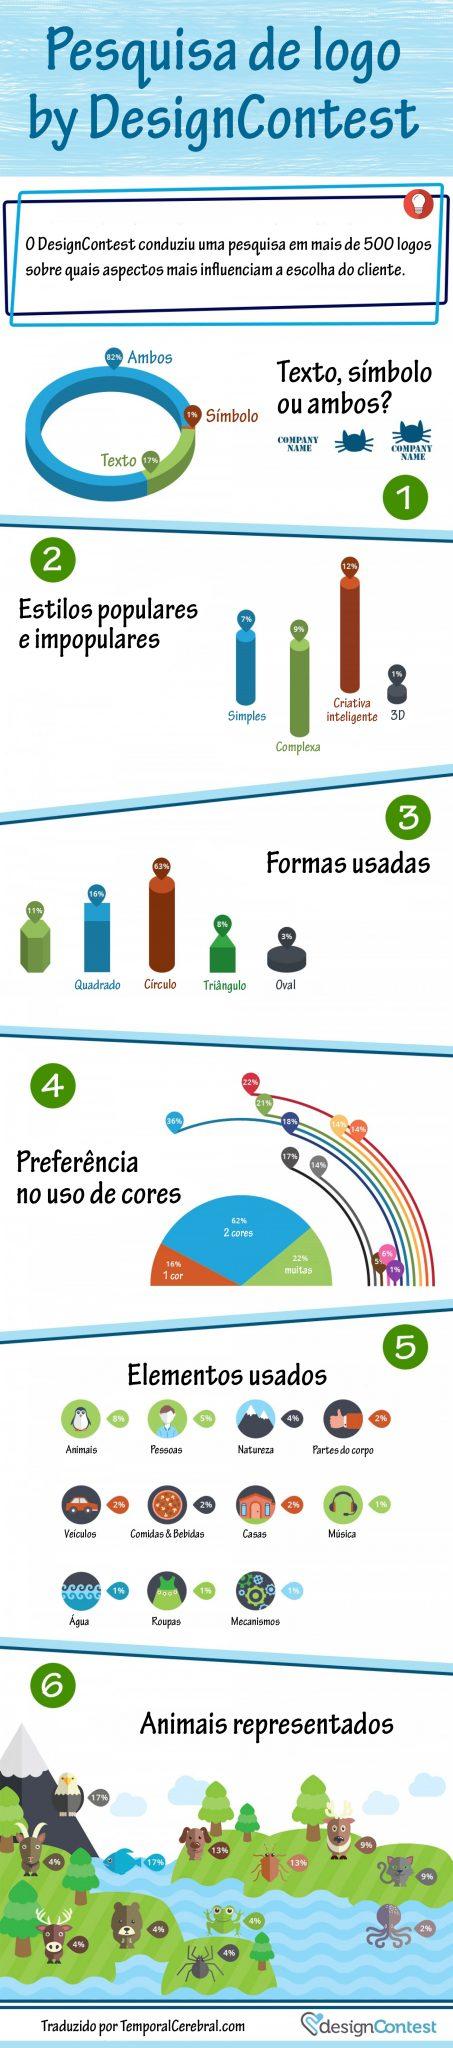 pesquisa-preferencia-clientes-escolha-de-marcas-preferidas-logos-cores-animais-traduzido